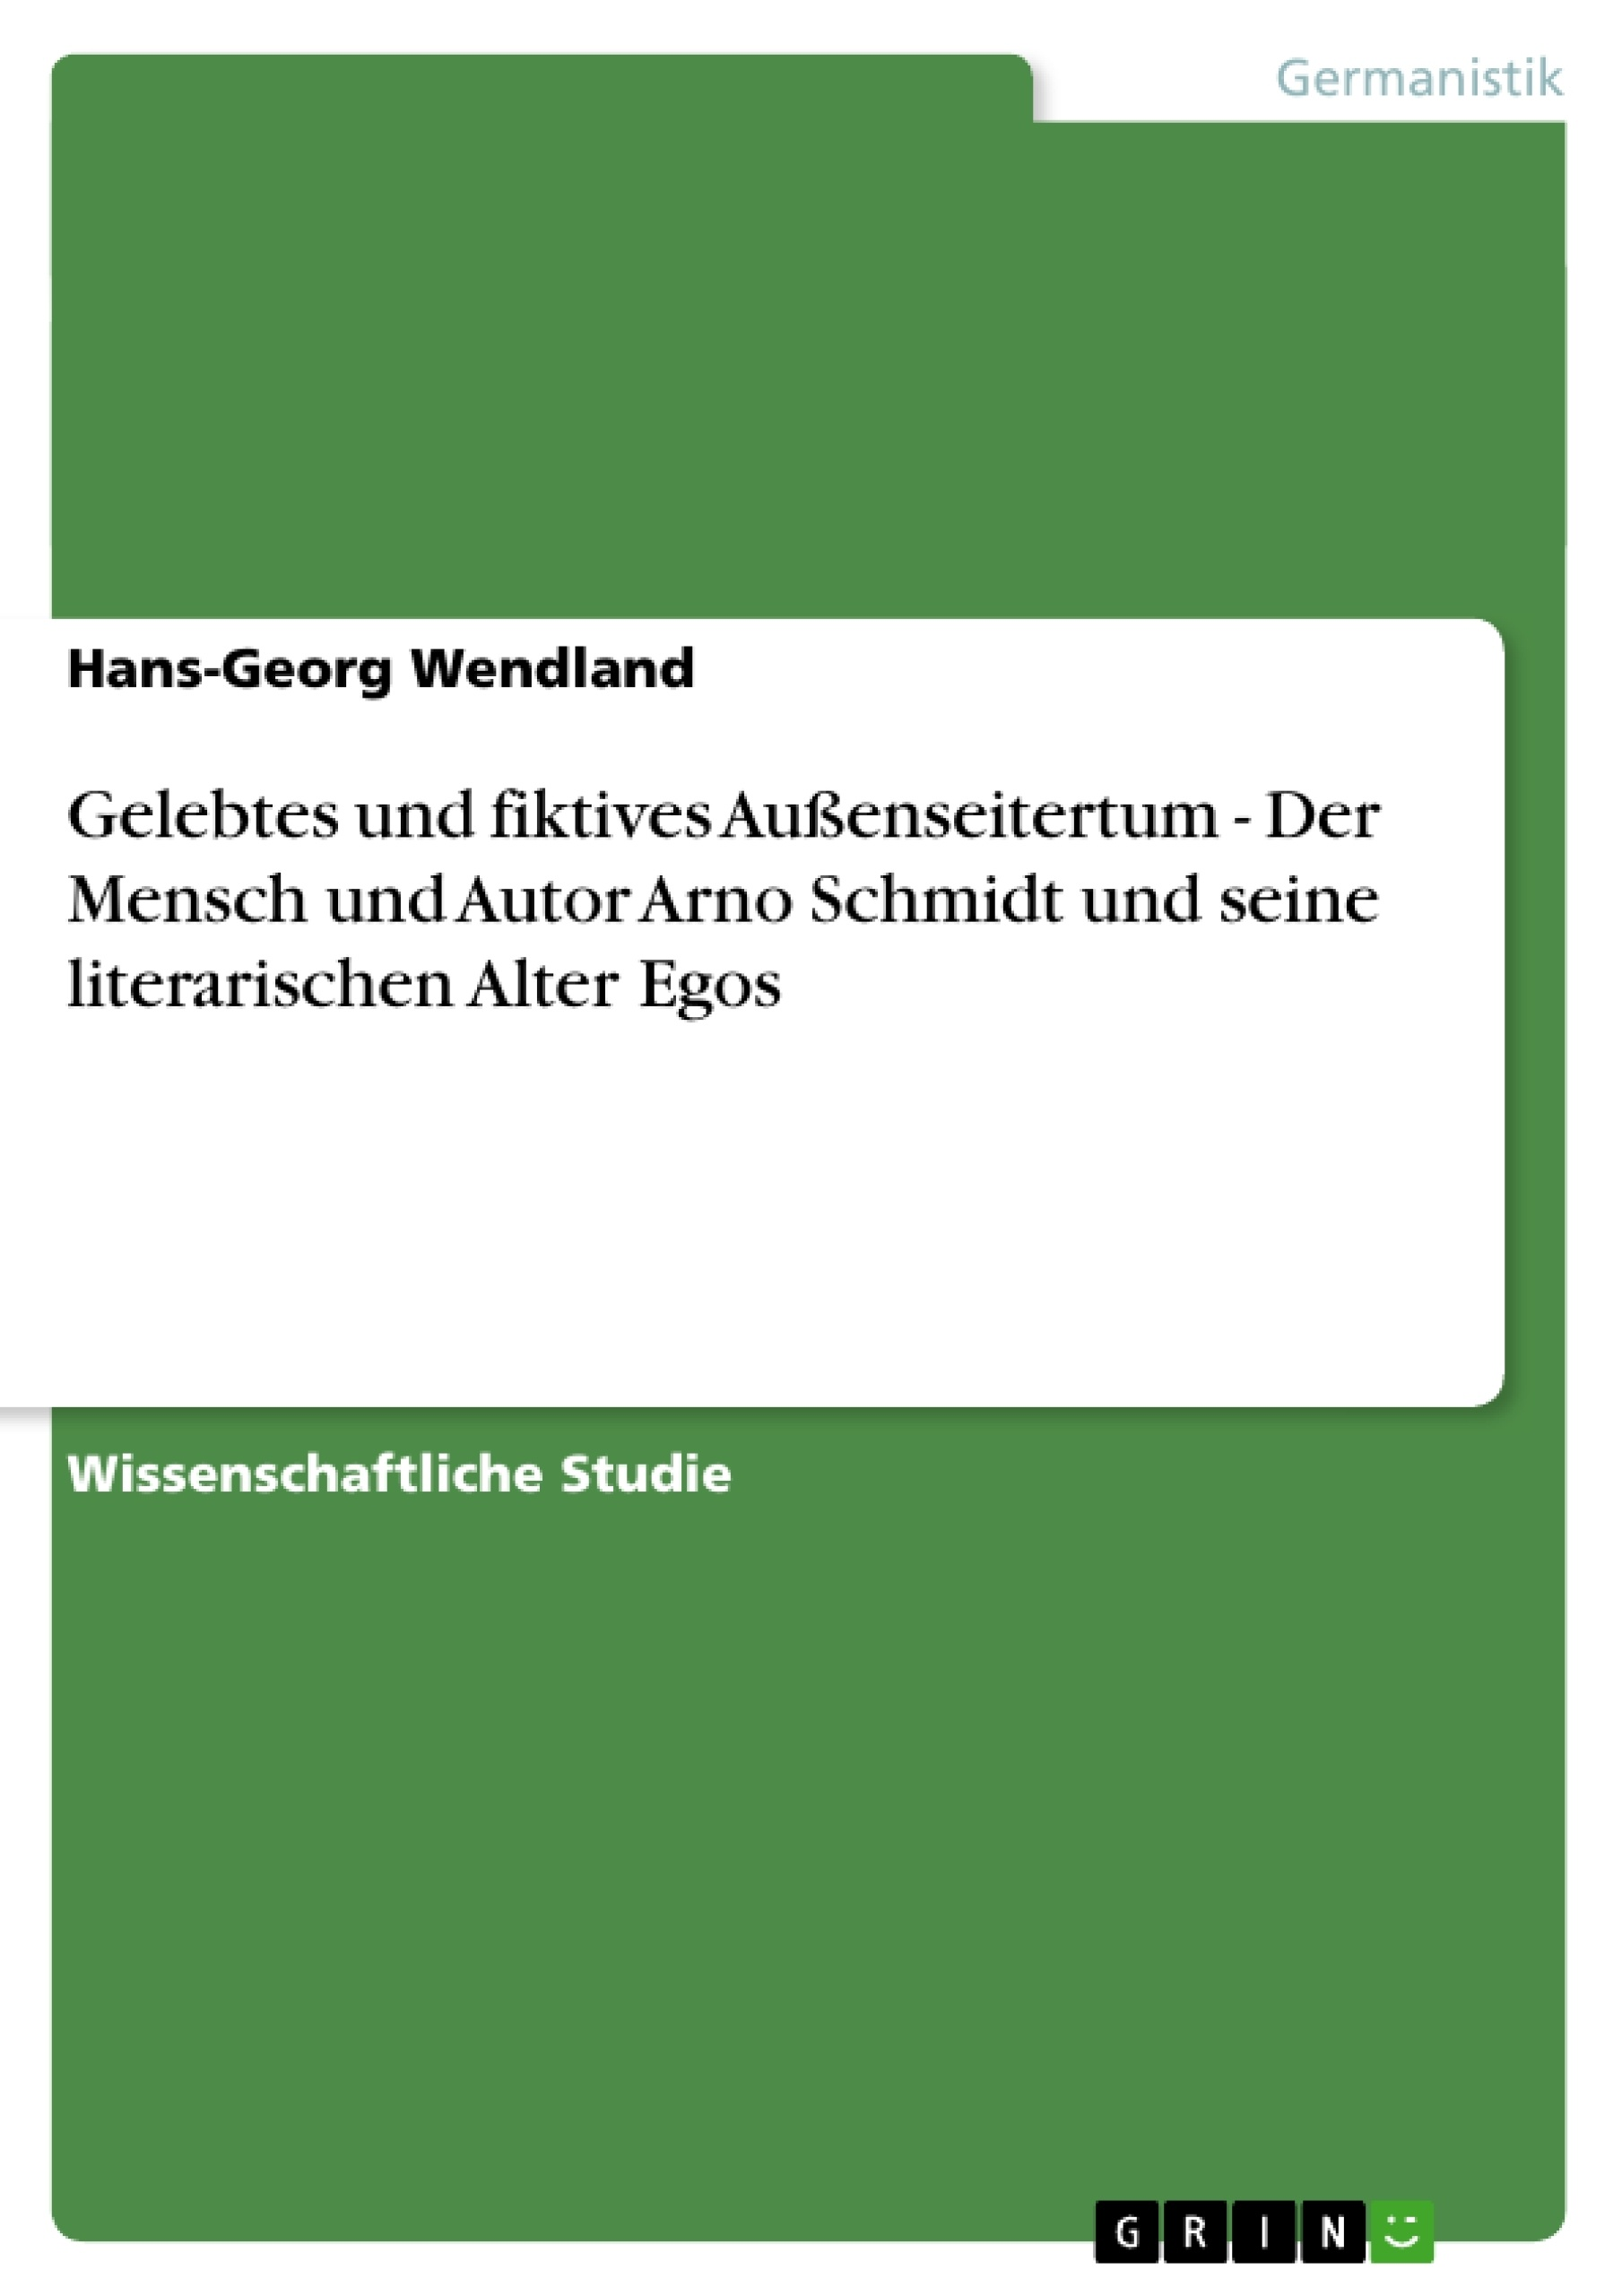 Titel: Gelebtes und fiktives Außenseitertum - Der Mensch und Autor Arno Schmidt und seine literarischen Alter Egos